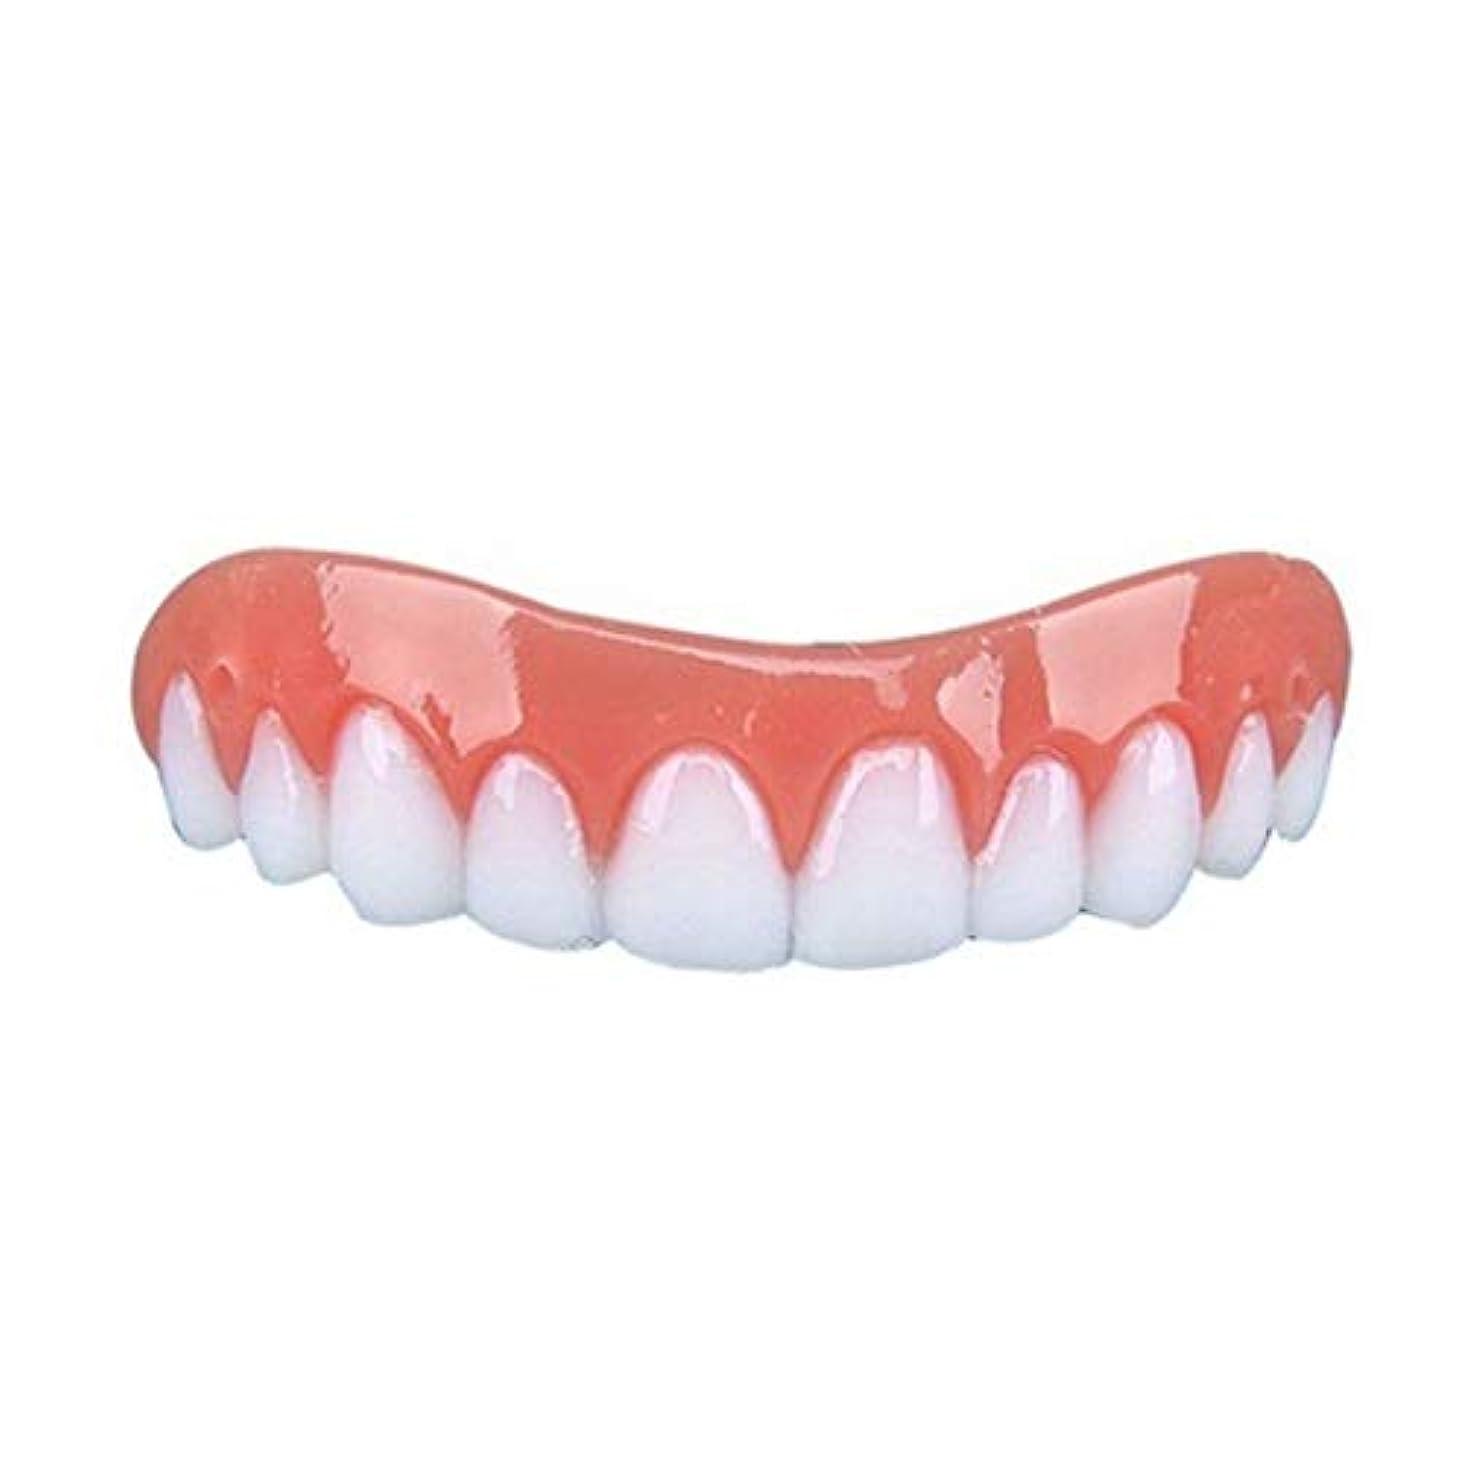 賞補助ブッシュBartram 歯カバー シリコン義歯ペースト 上歯 笑顔を保つ 歯保護 美容用 入れ歯 矯正義歯